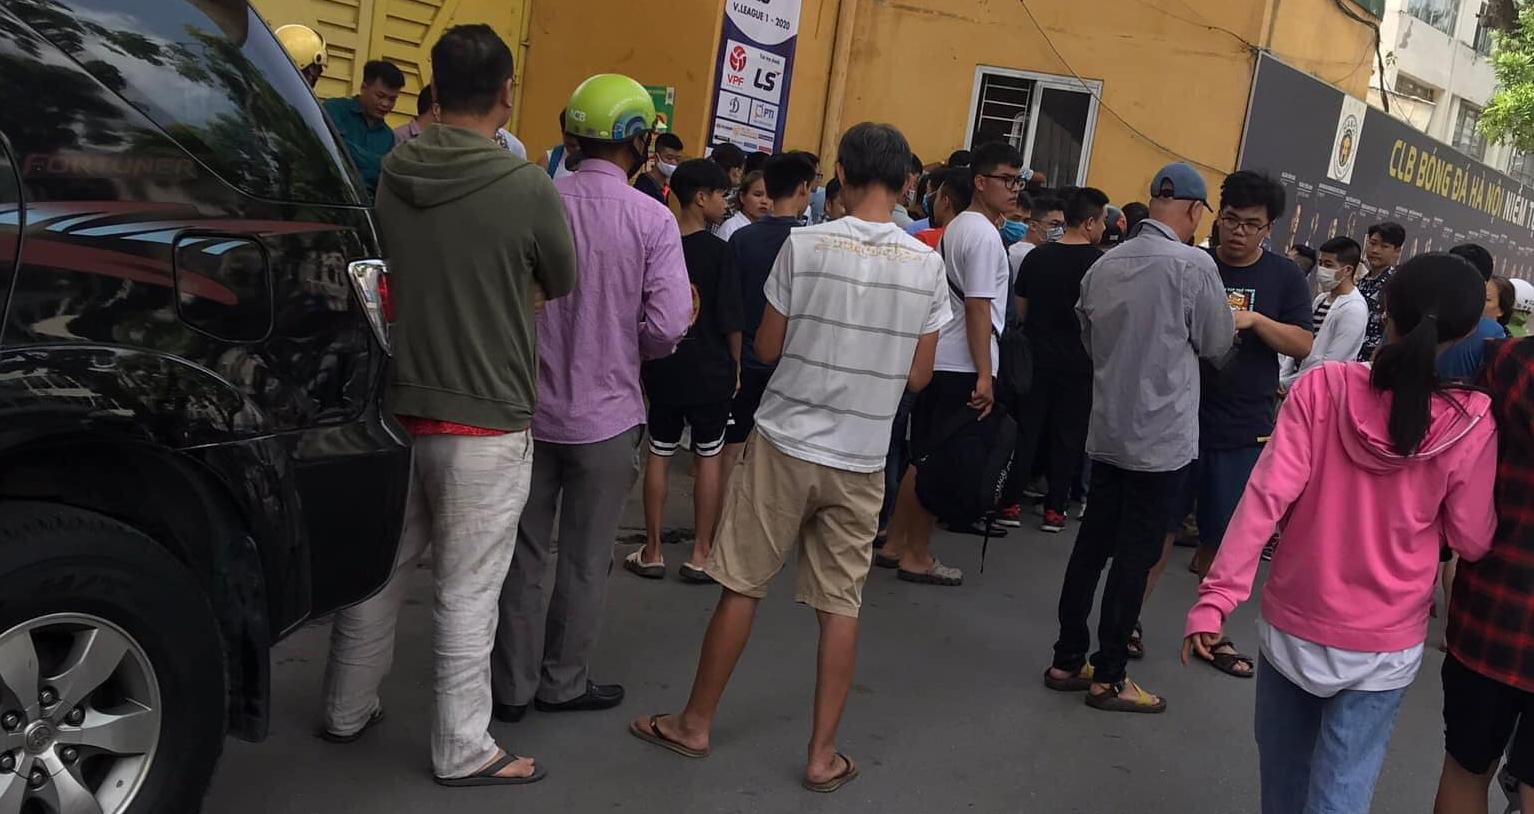 Hà Nội vs HAGL, Công Phượng, bầu Đức, trực tiếp bóng đá, lịch thi đấu vòng 3 V League, BXH V League, VTV6